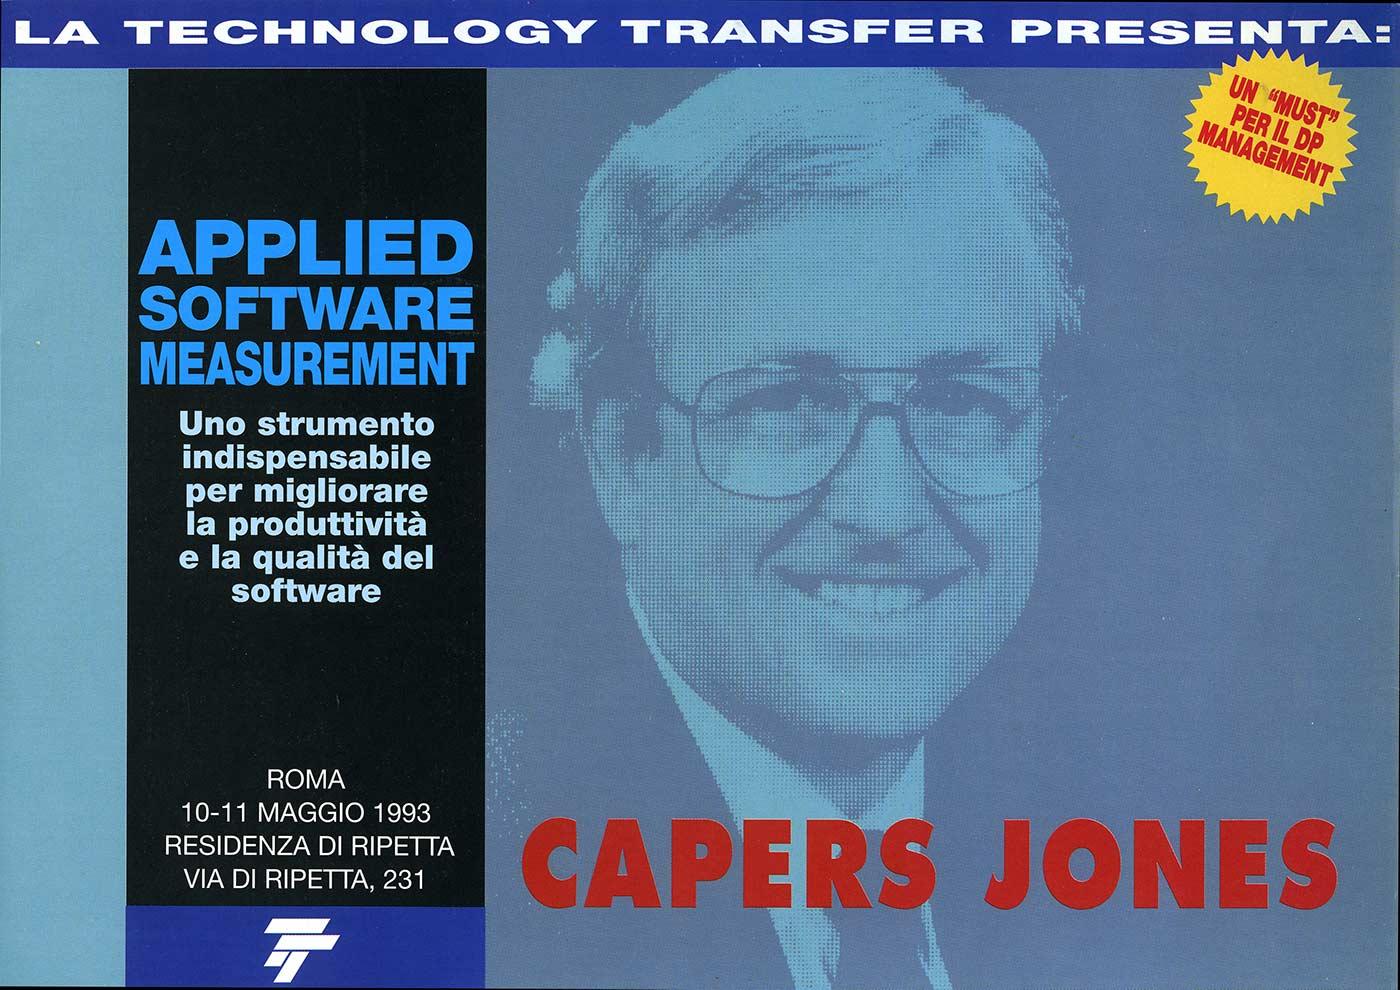 bs07_CapersJones